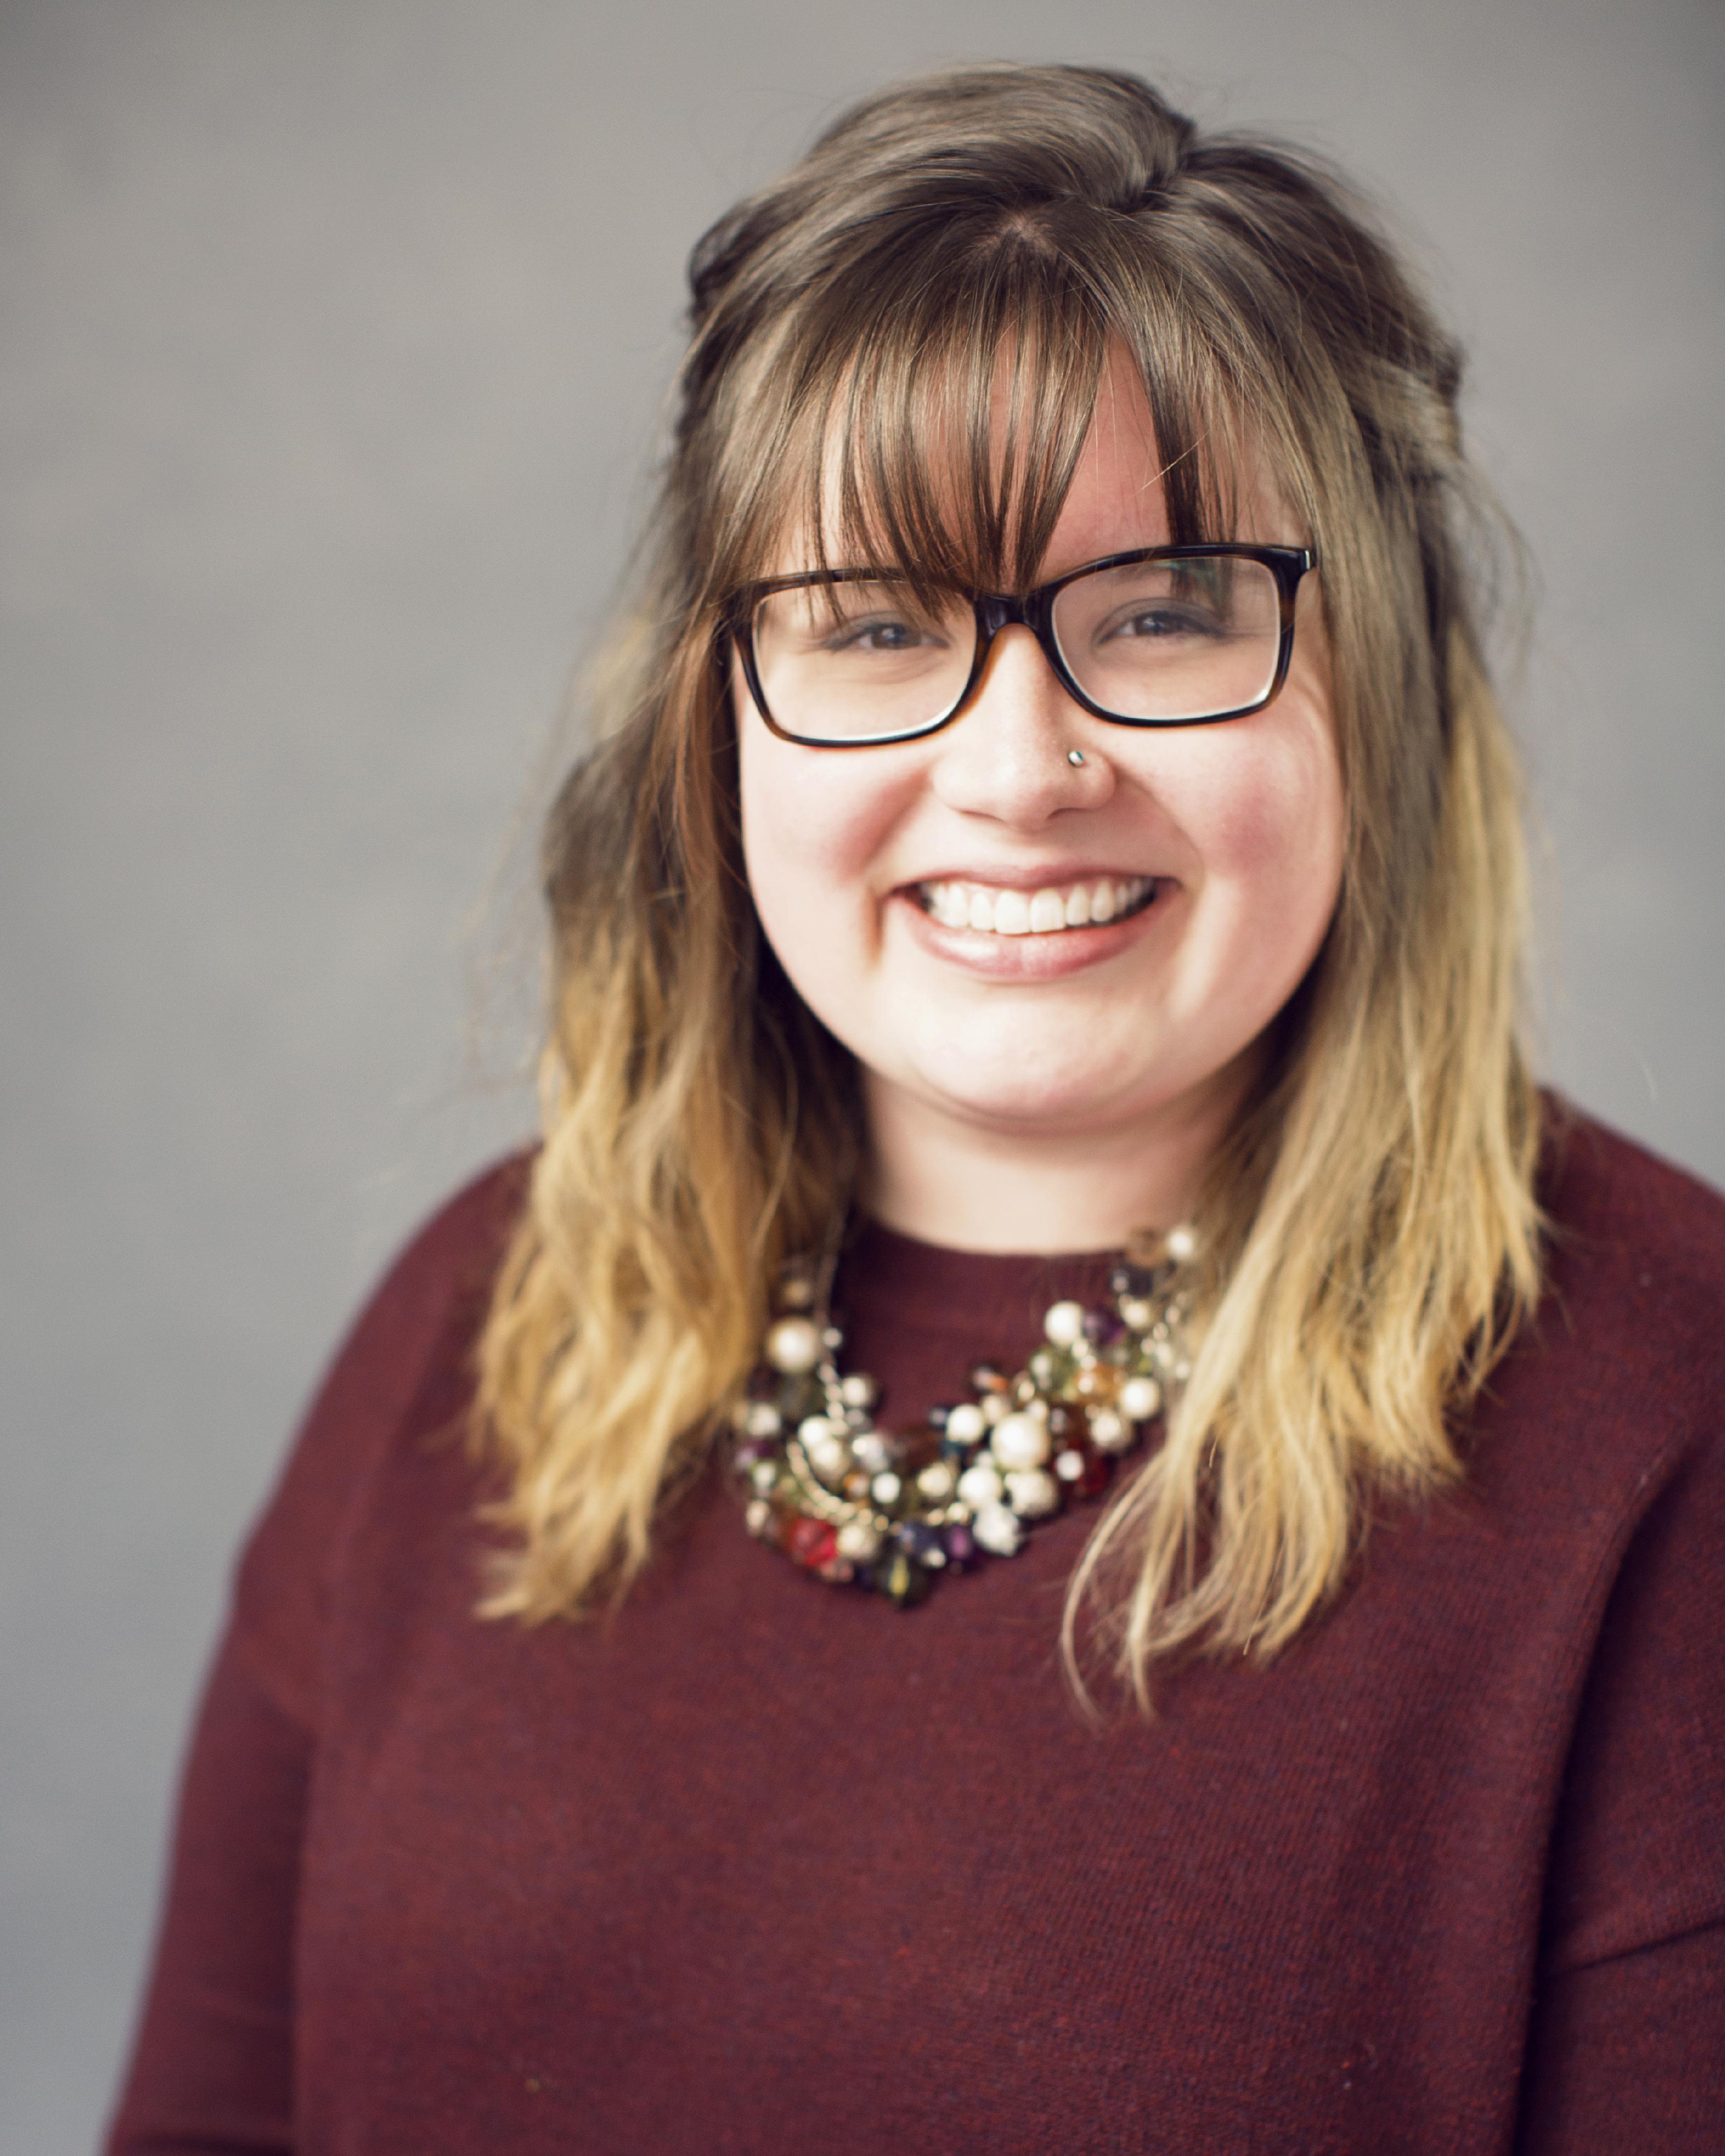 Madelynne Jones, Content Strategist at Novella Brandhouse